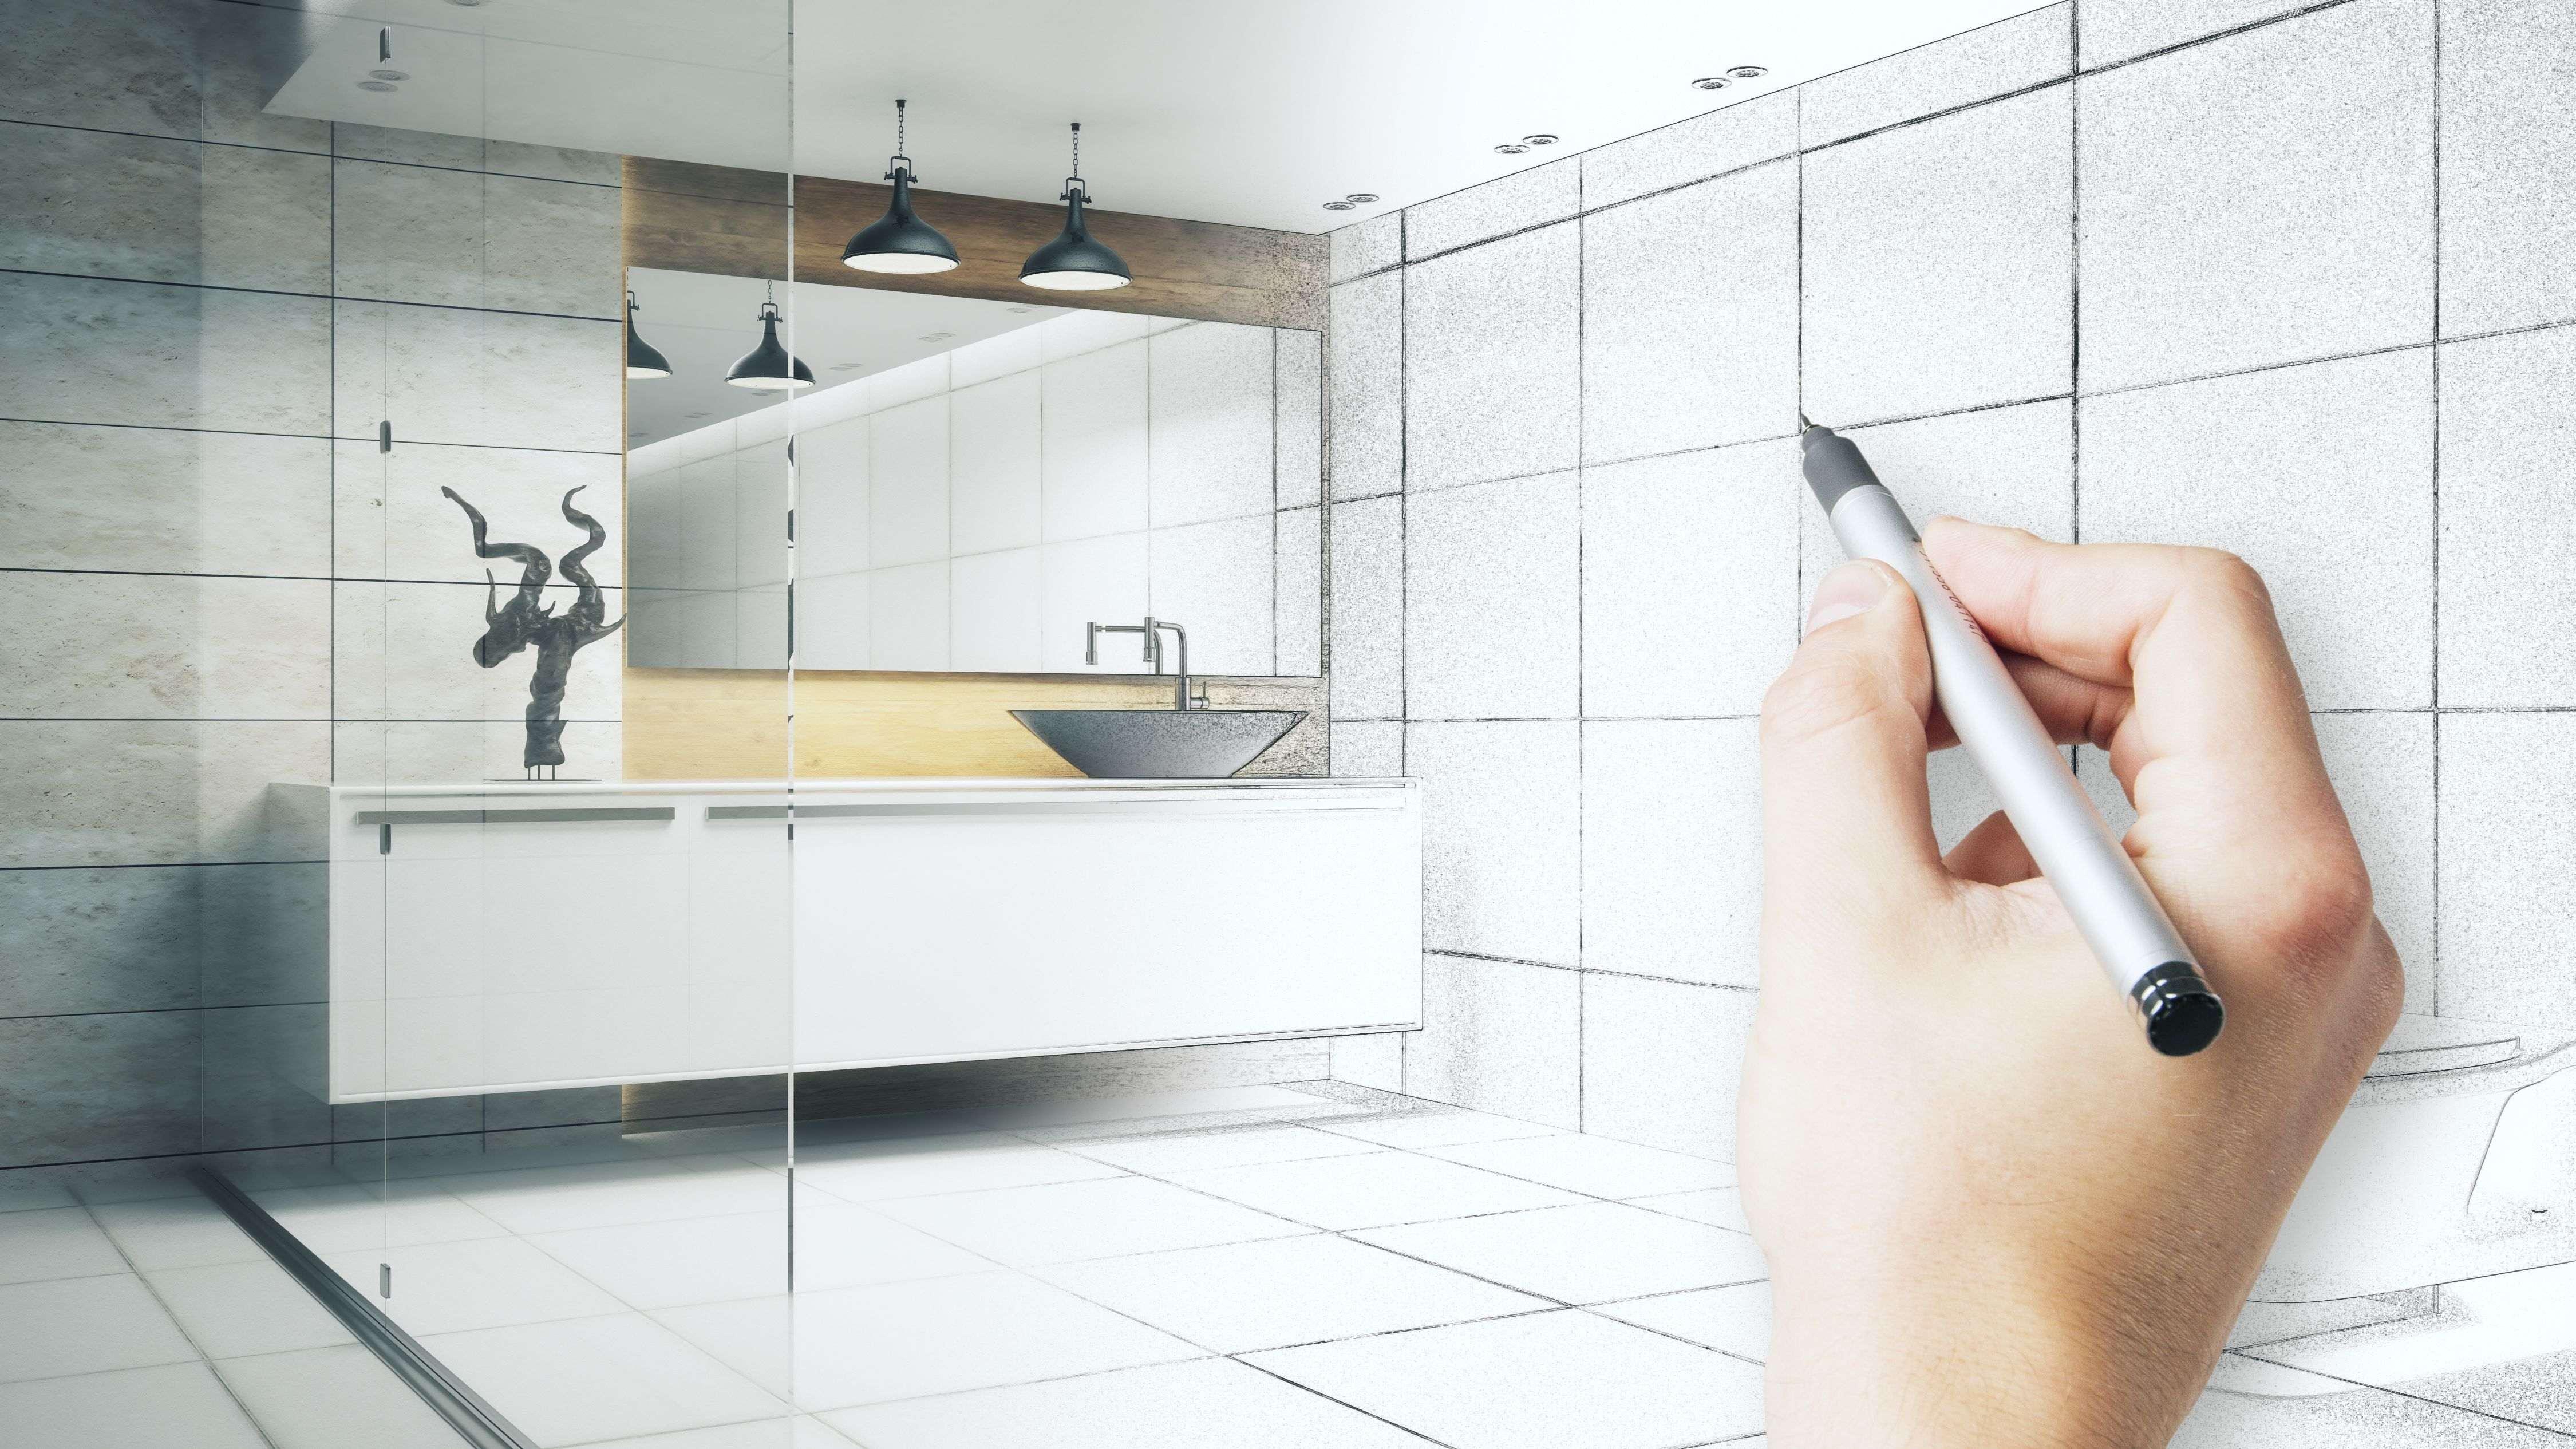 Ideen fürs Badezimmer: Stil und Komfort im Bad